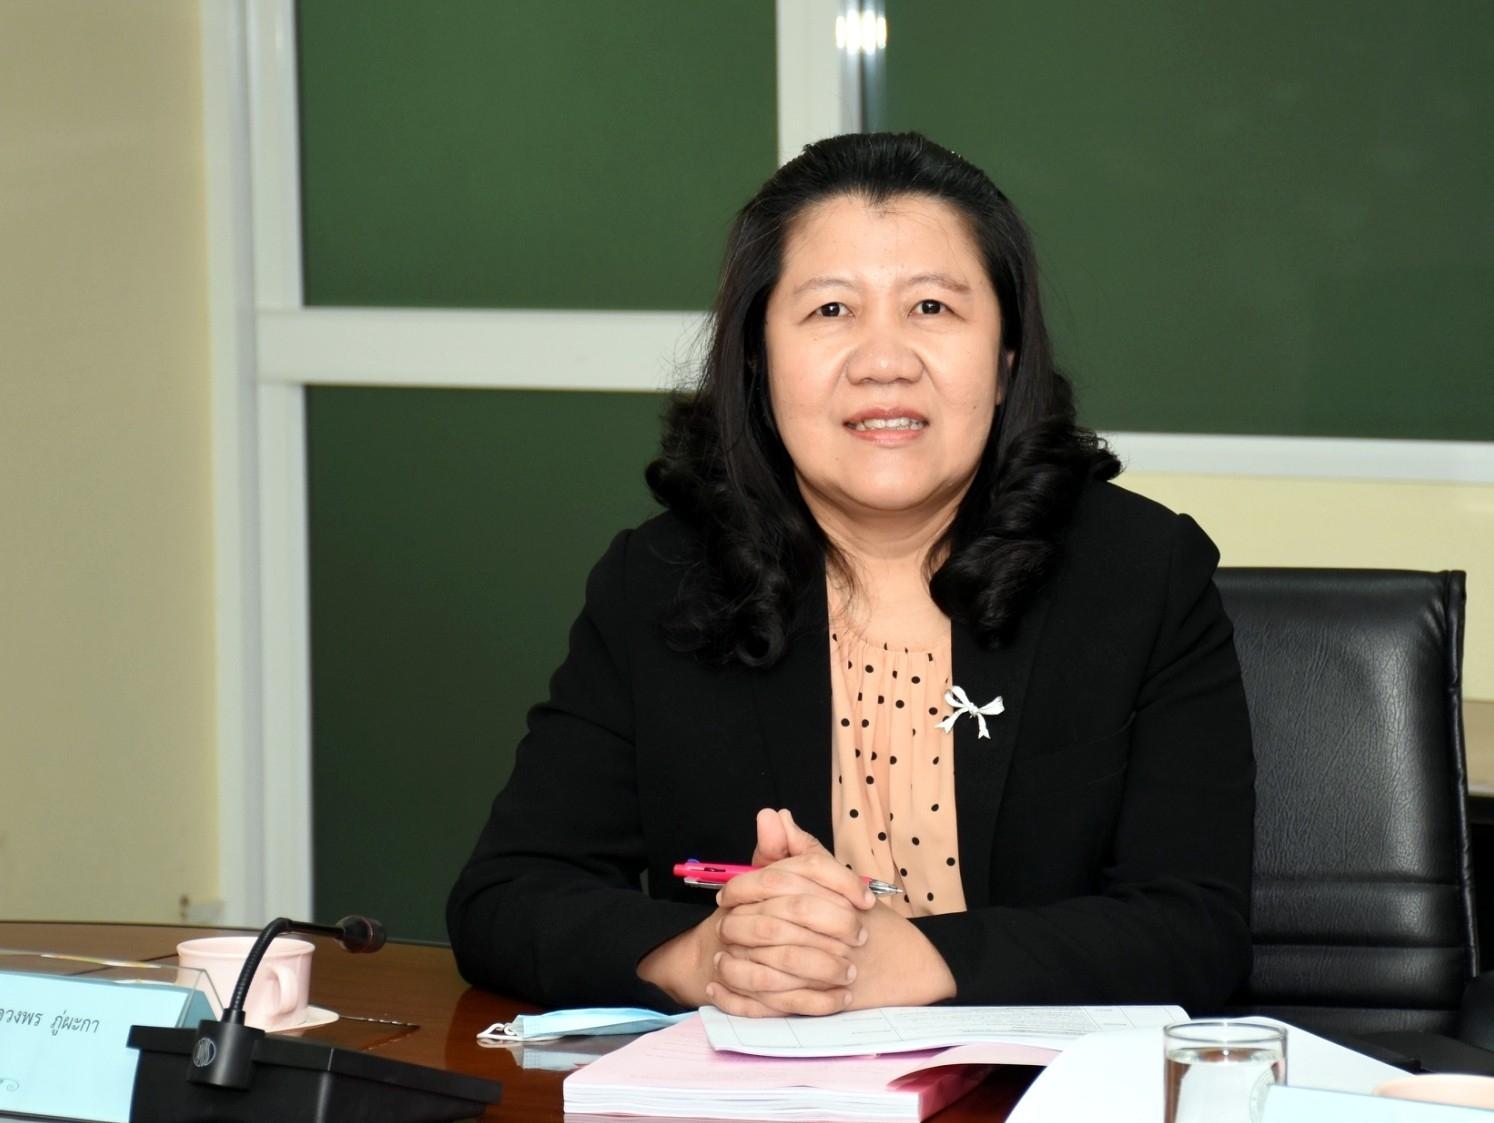 ประชุมคณะกรรมการกำกับและเสนอแนะการลงทุนของมหาวิทยาลัย ครั้งที่ 2/2564